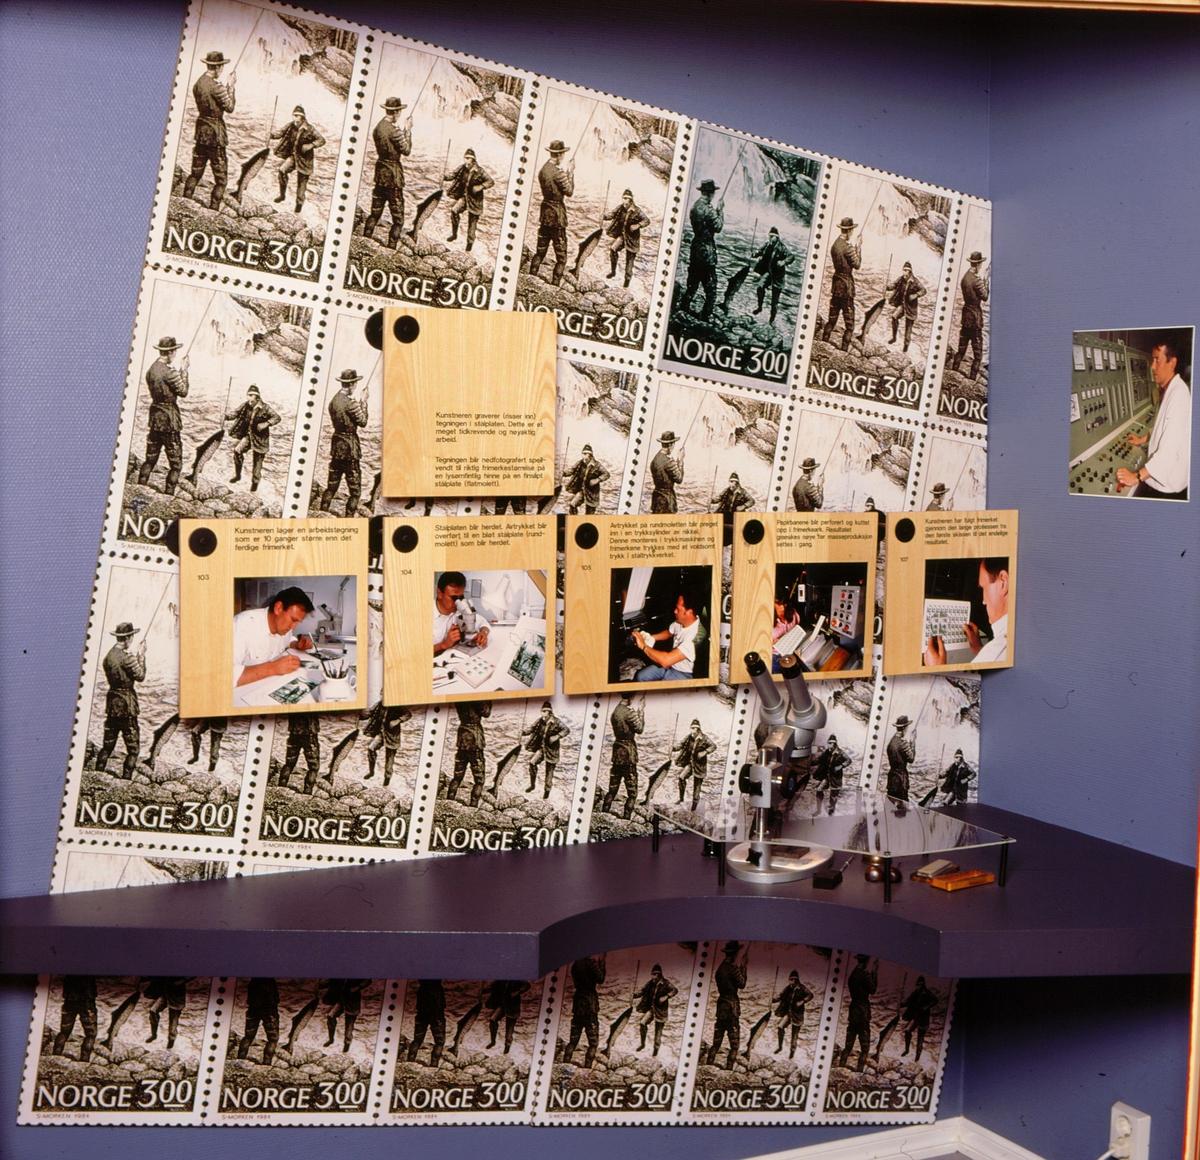 postmuseet, Kirkegata 20, interiør, utstilling, frimerkegangen, frimerkeproduksjon, tegning, gravering, trykking, perforering, NK 948, Laksefiske